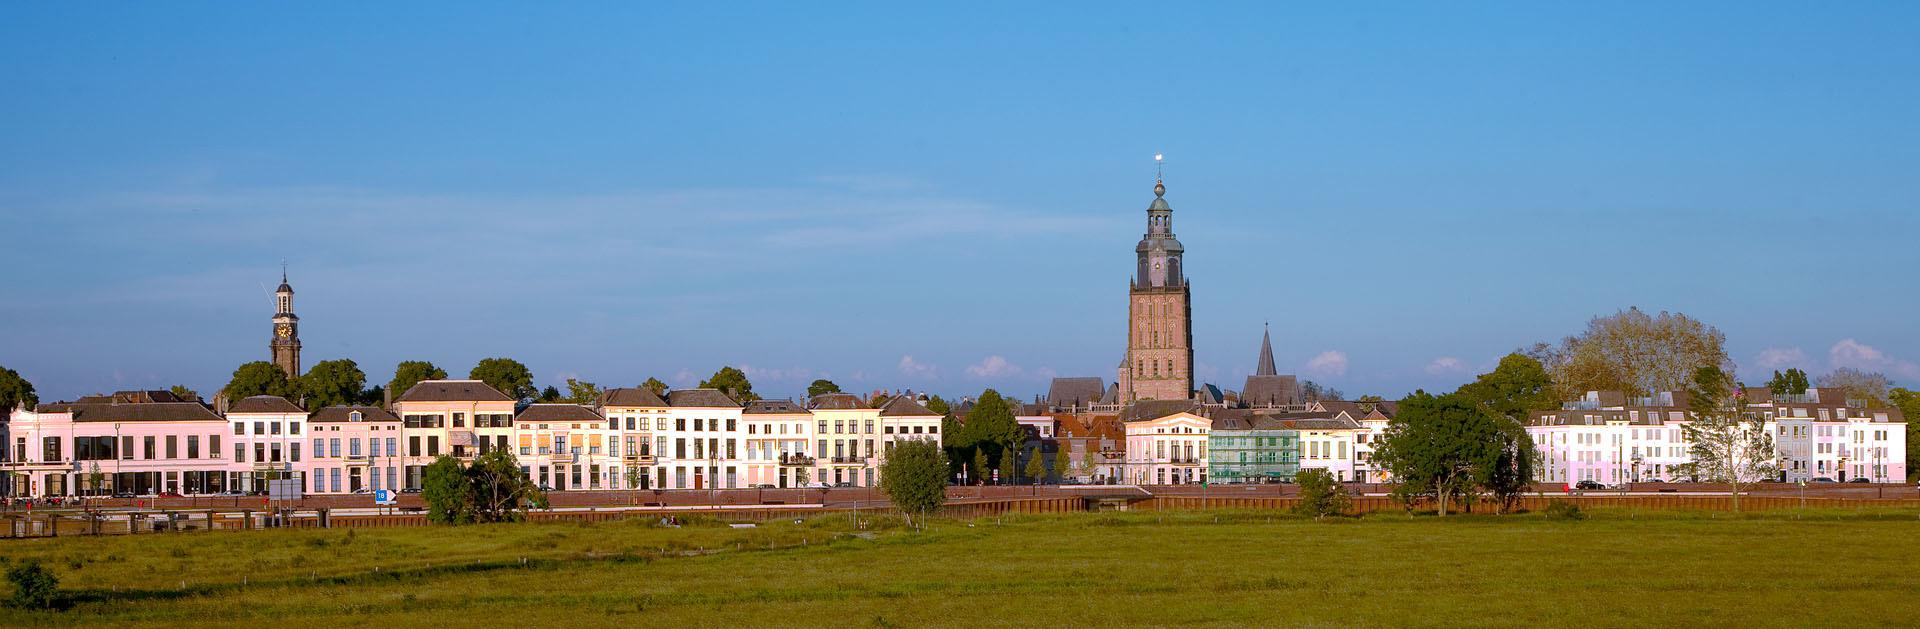 Panorama Zutphen - IJsselkade  Regio Achterhoek - Liemers